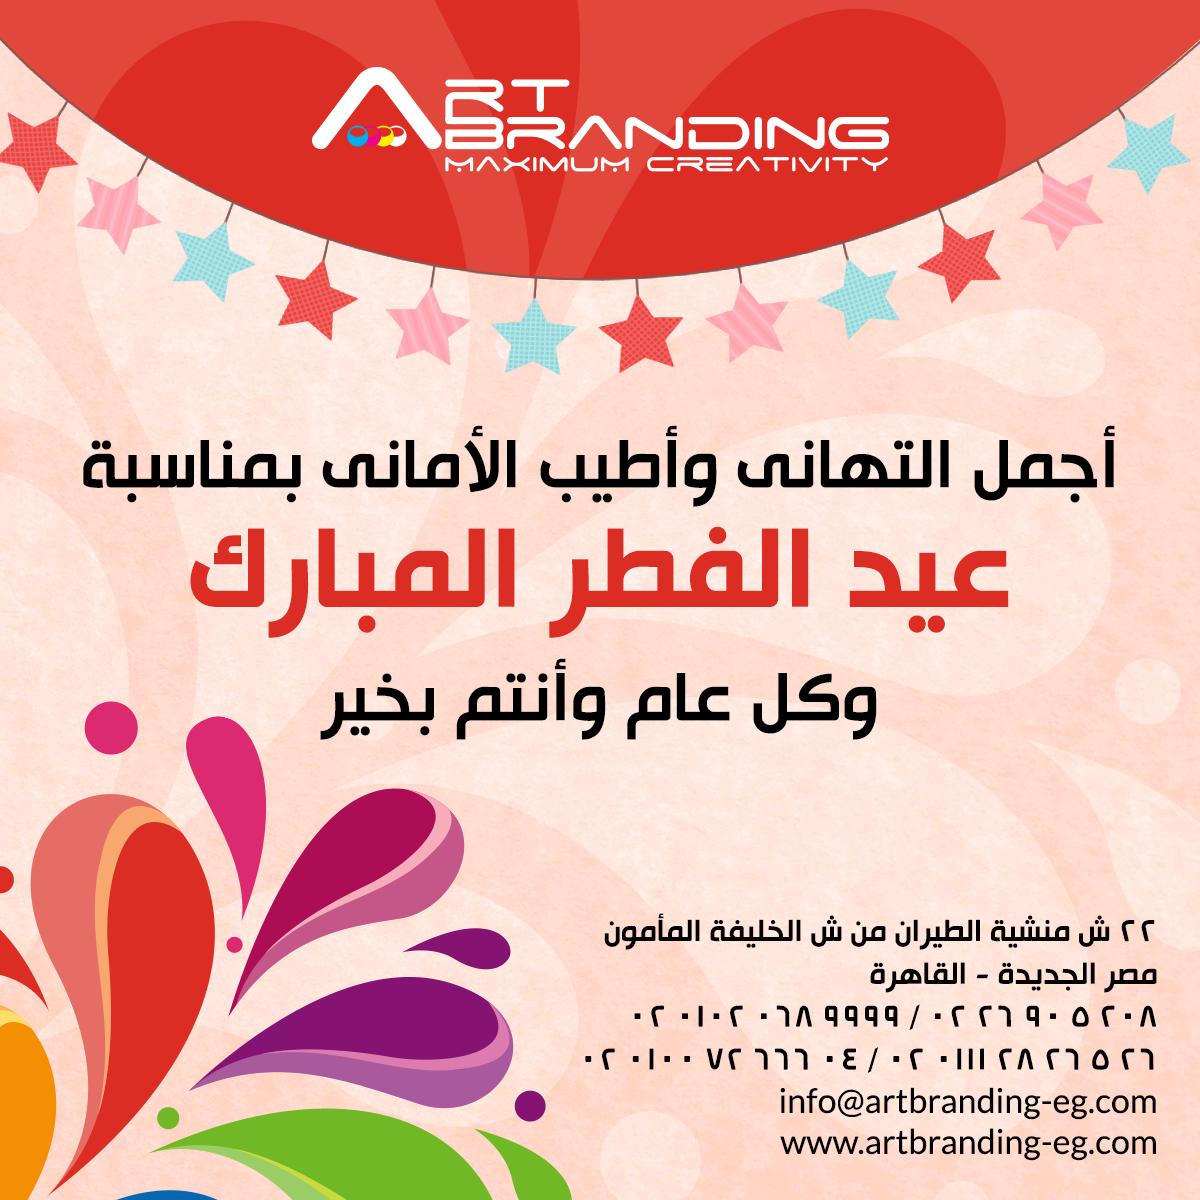 تتشرف أرت برانديج بتهنئتكم بعيد الفطر المبارك إعاده الله علينا وعليكم بالخير و اليمن و البركات Art Branding Www Artbranding Ramadan 2016 Pie Chart Ramadan